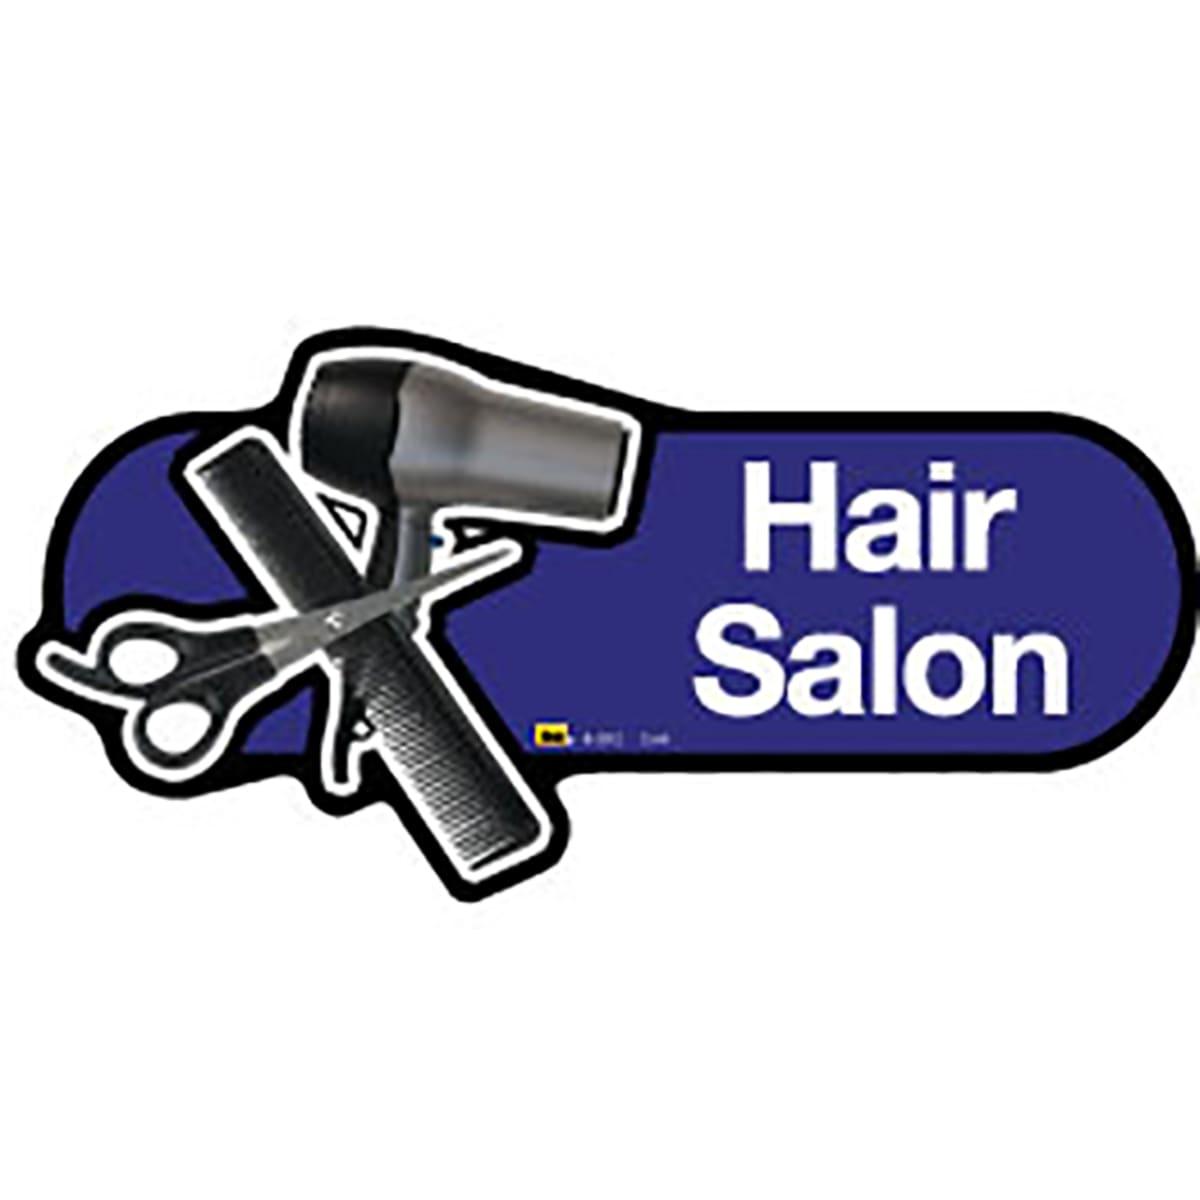 Hair Salon - Dementia Signage